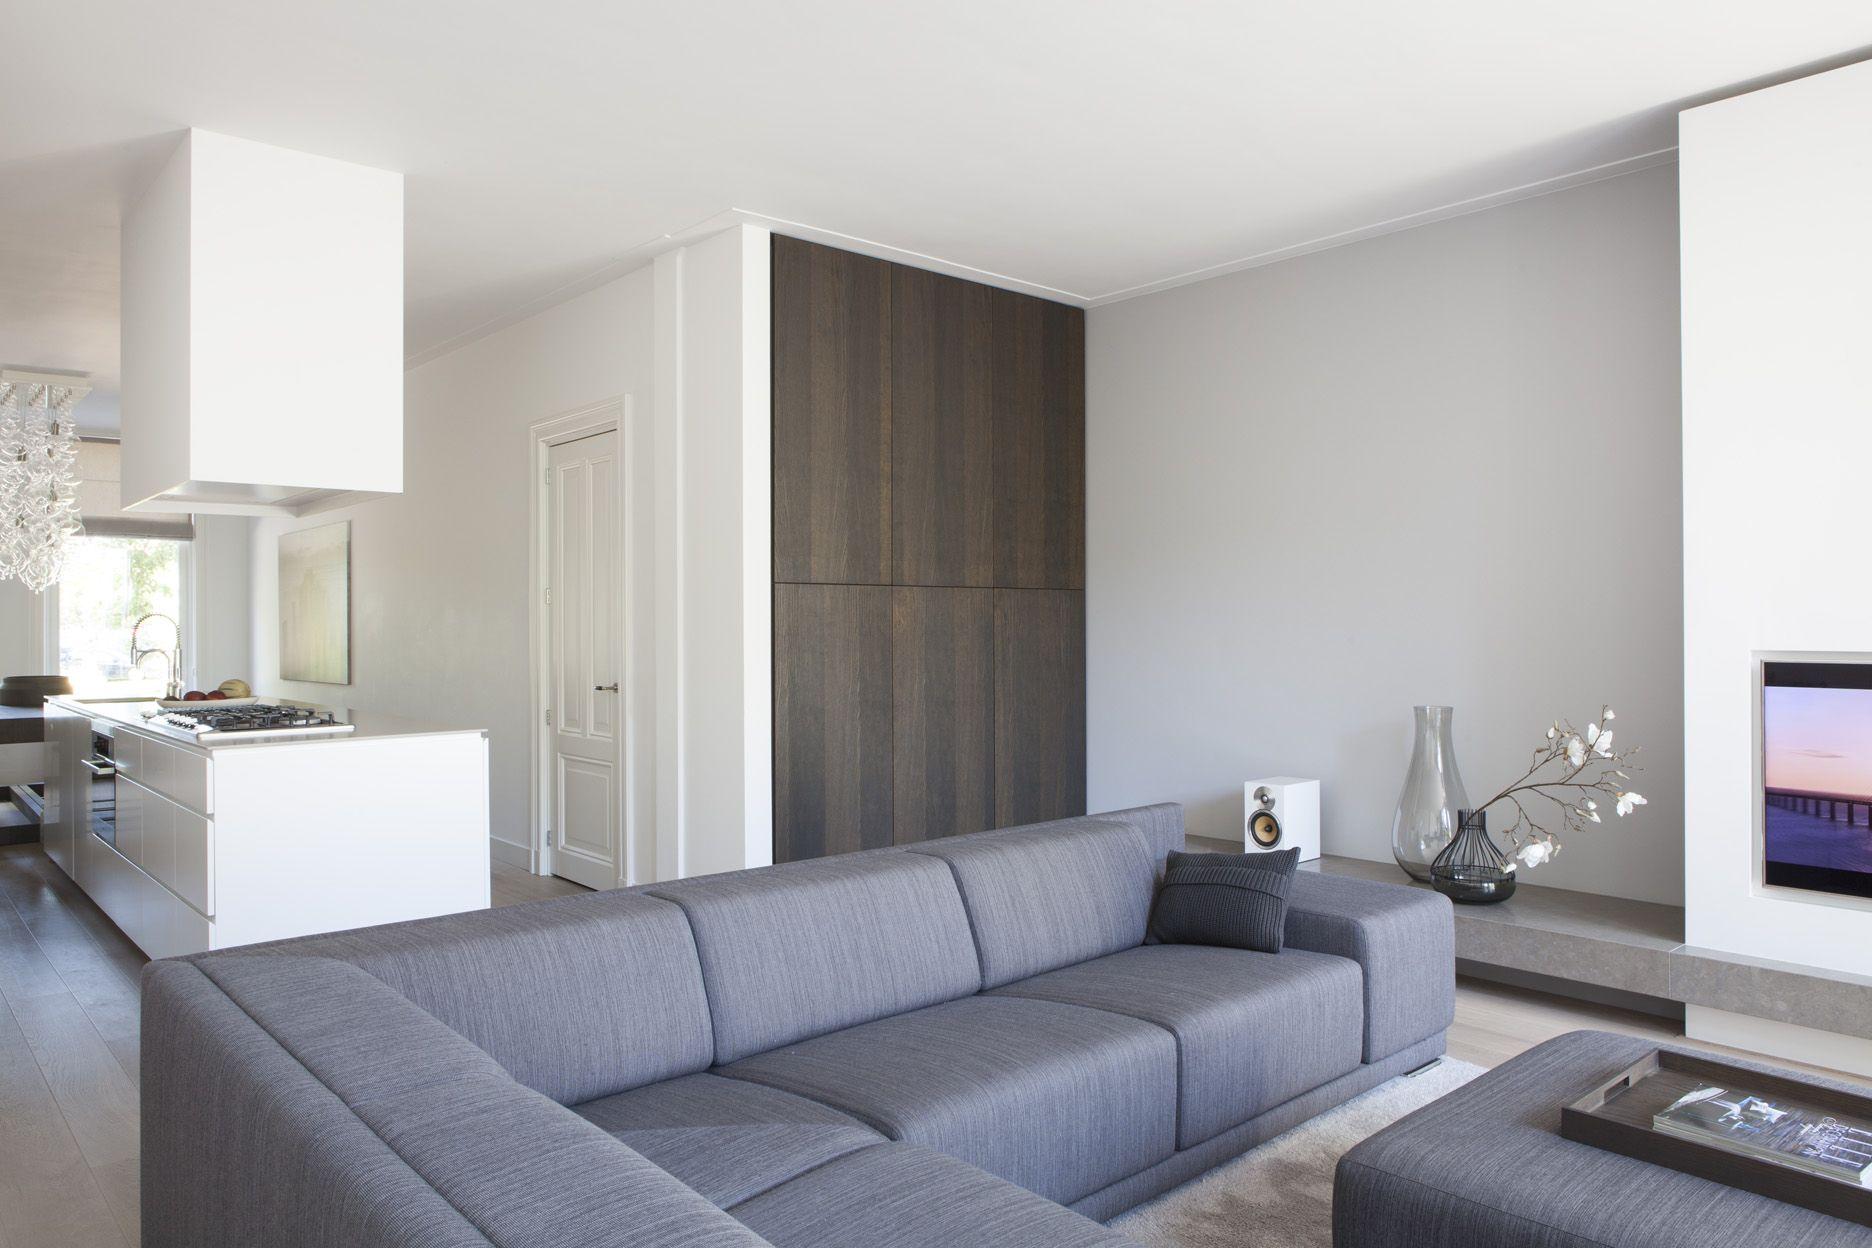 Een licht en minimalistisch interieur dat wilden de bewoners van